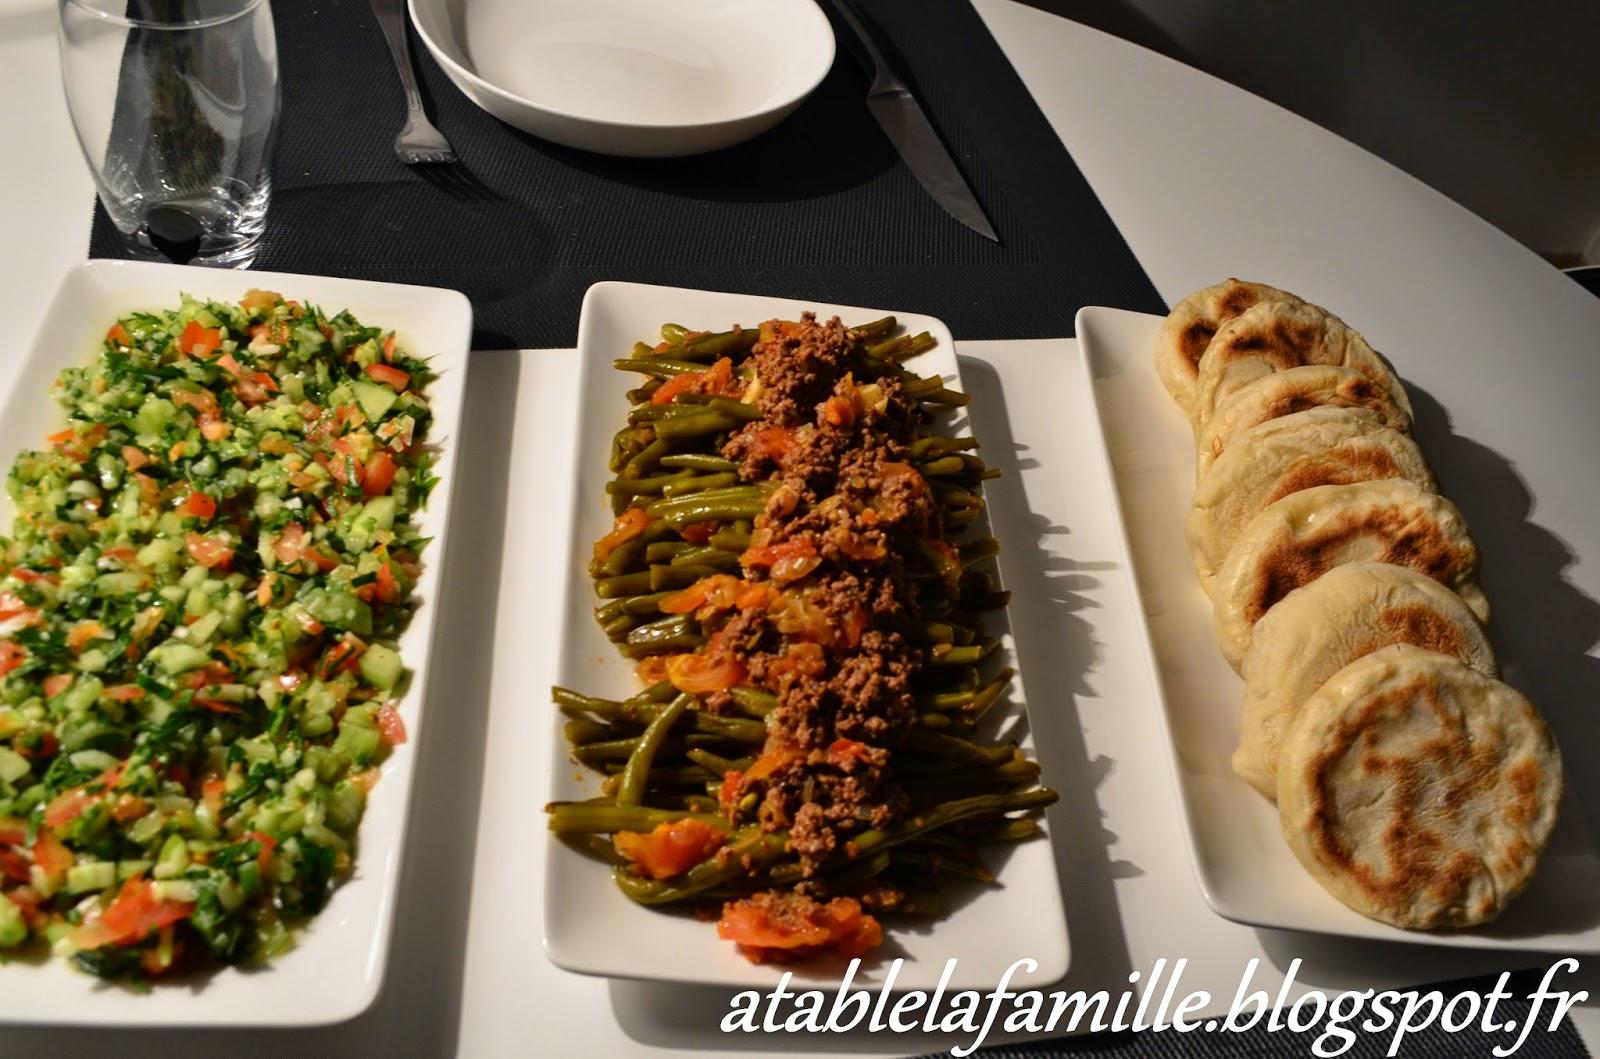 un repas simple et sain haricots verts salade pain maison a table la famille. Black Bedroom Furniture Sets. Home Design Ideas